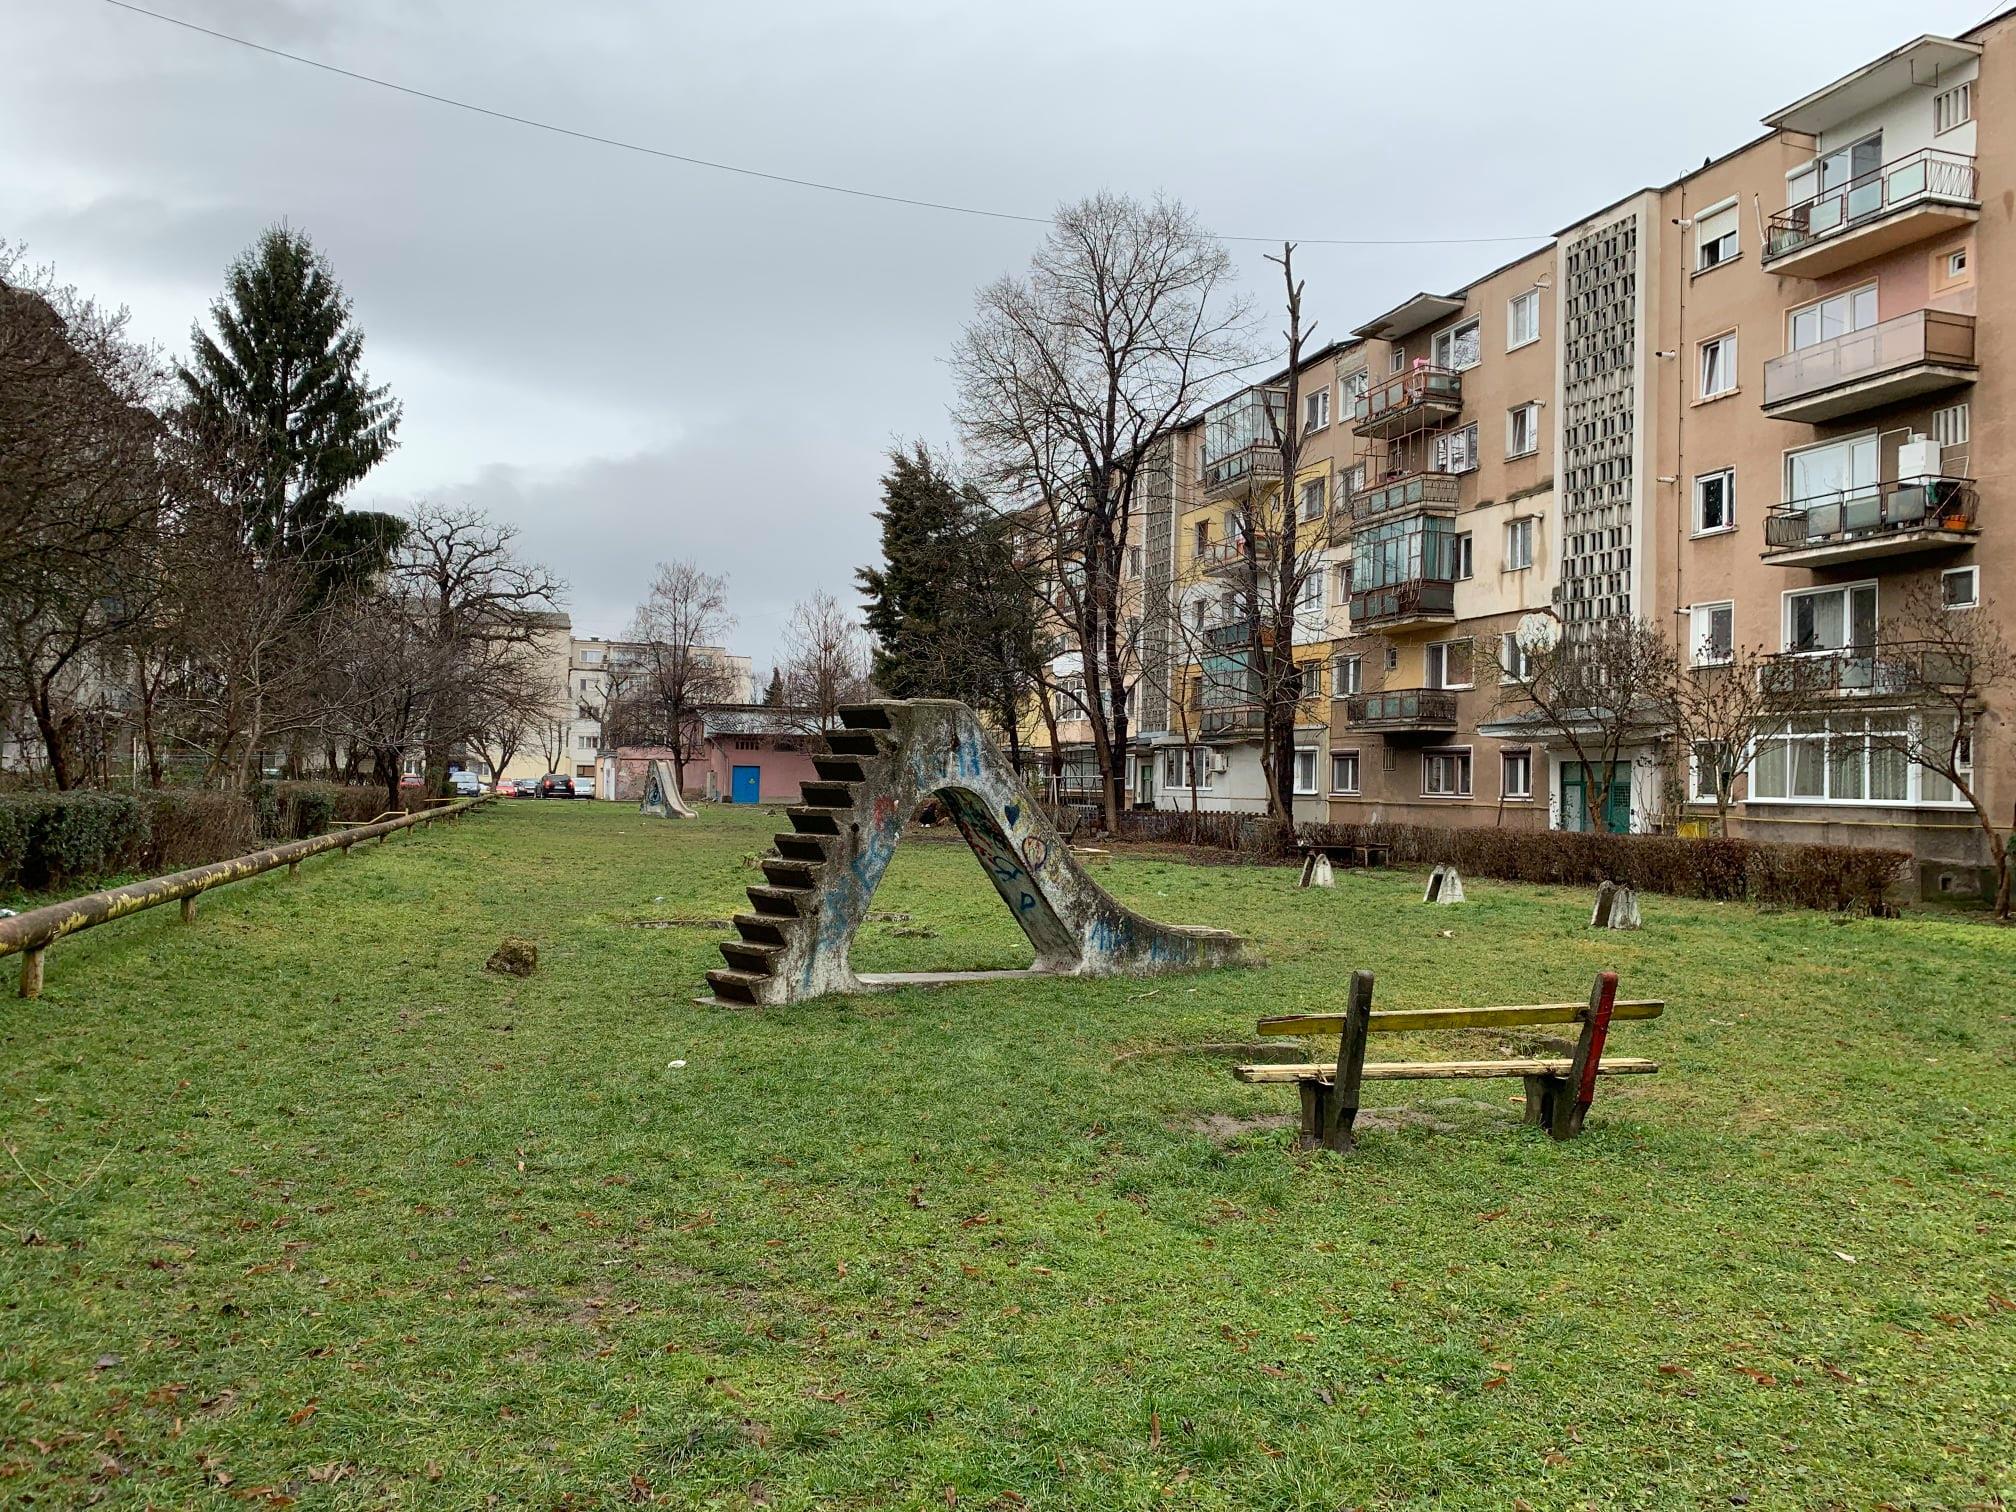 Perpignan Femei de intalnire Anun? femei sexy din Brașov care cauta barbati din Constanța